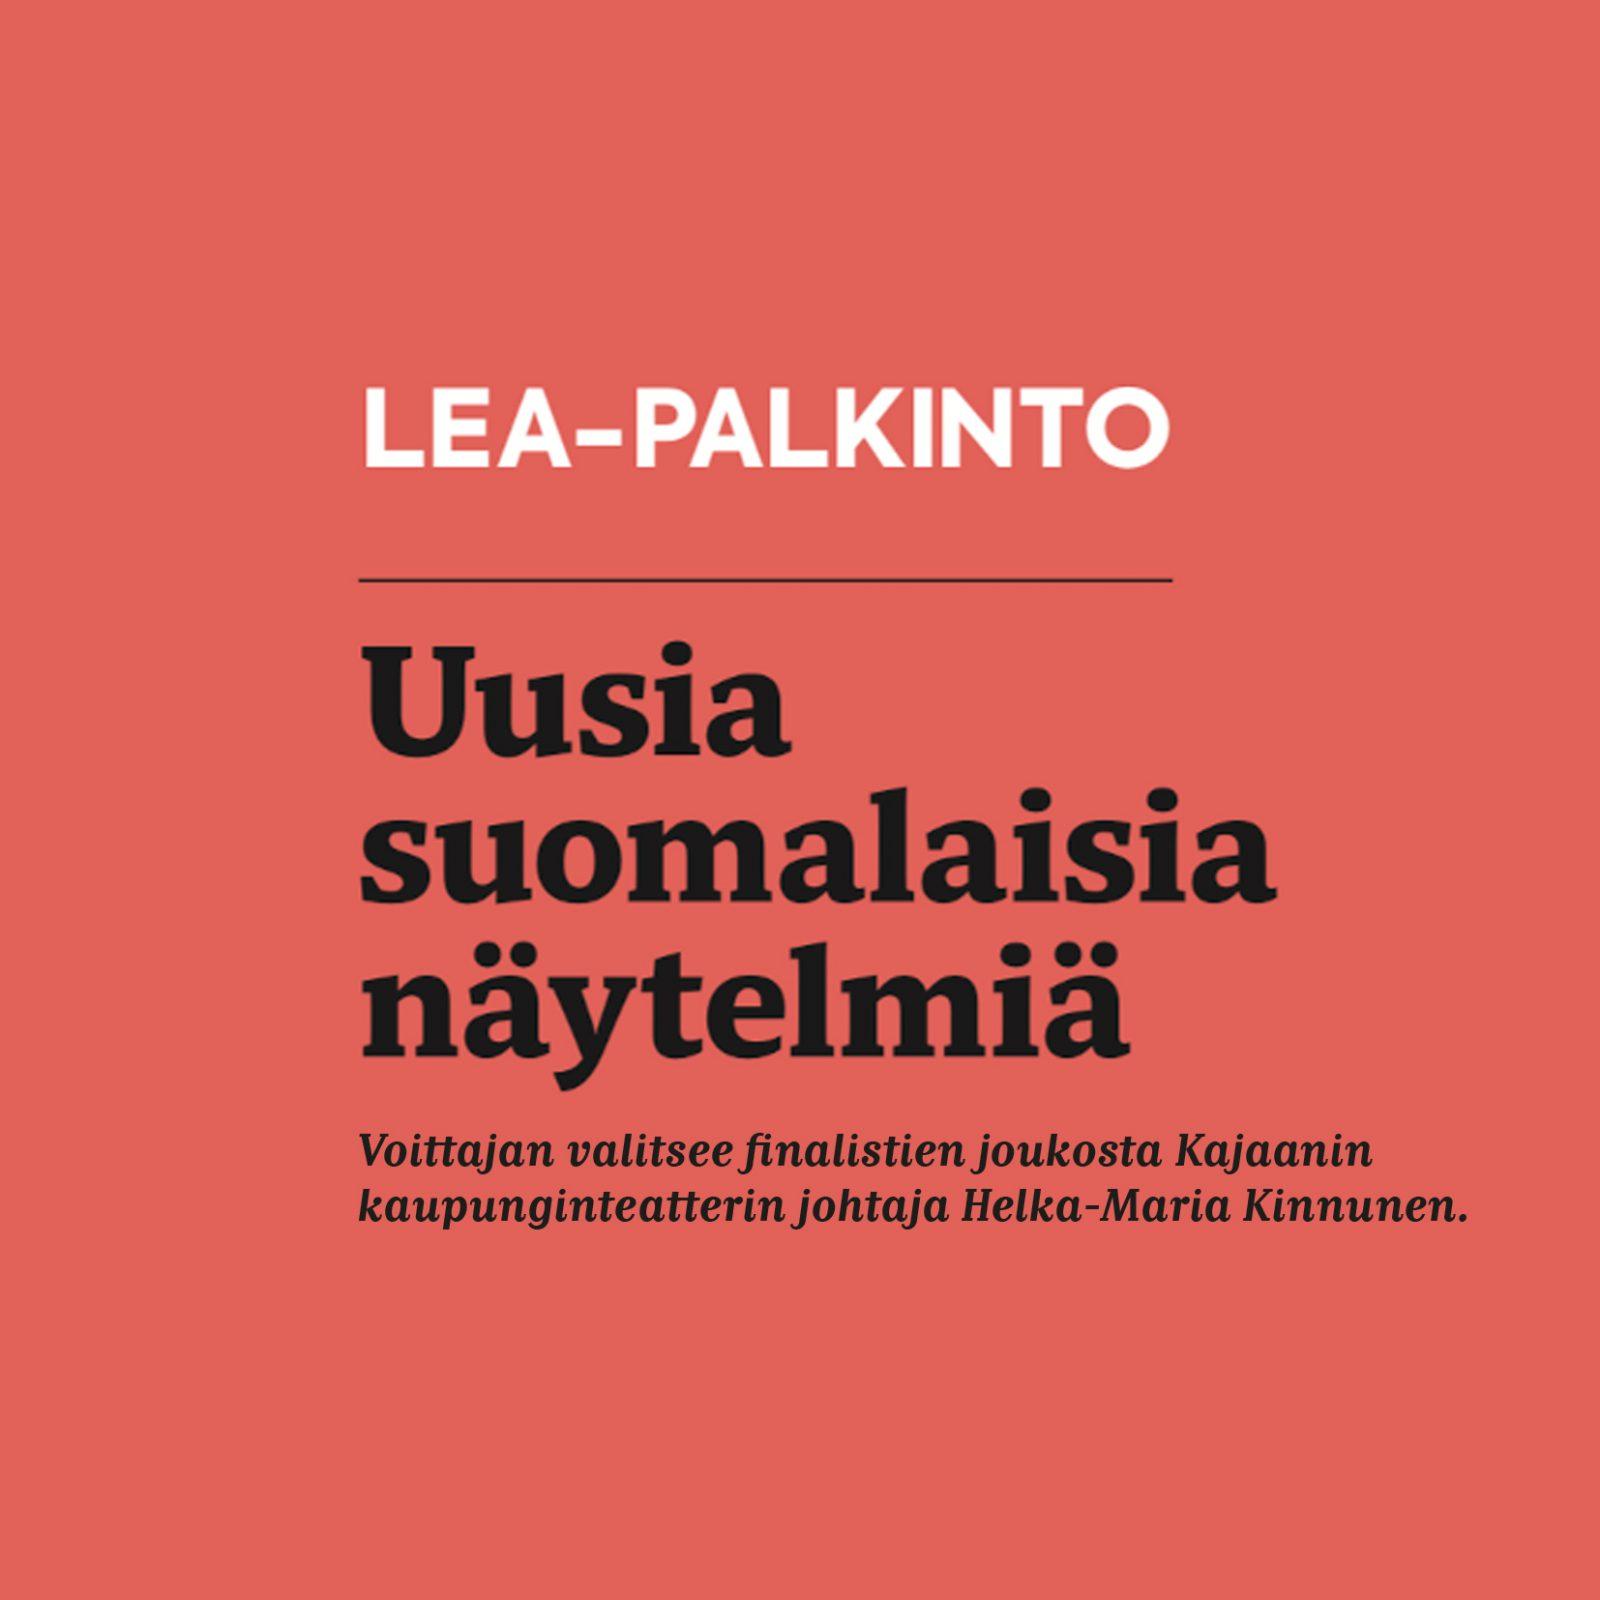 Lea-palkinnto, uusia suomalaisia näytelmiä